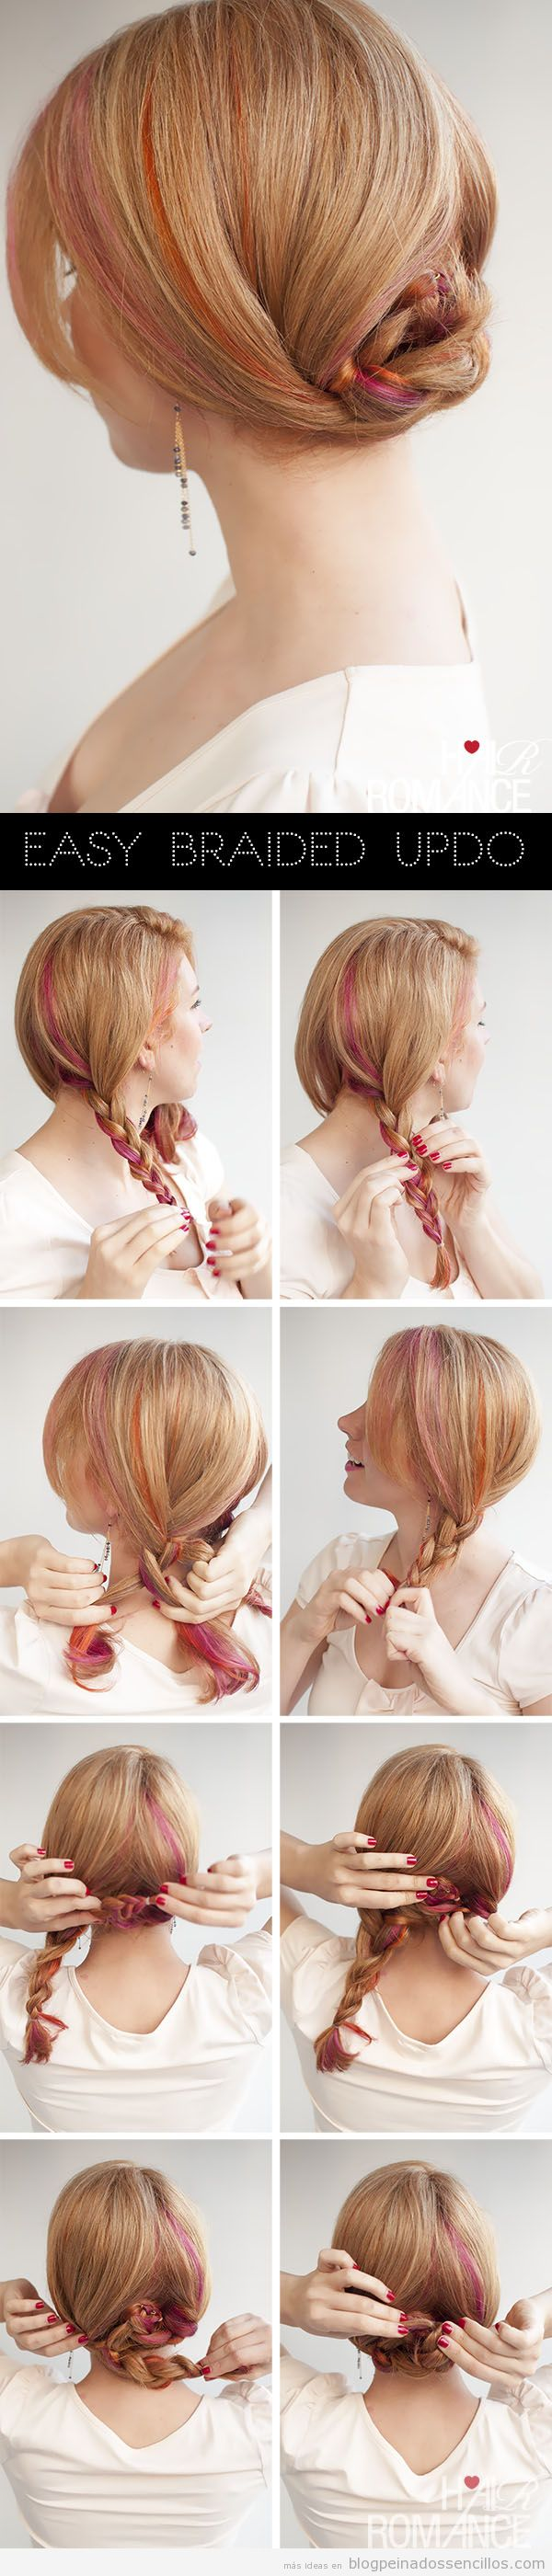 Peinado rápido y sencillo, moño bajo hecho con dos trenzas, tutorial paso a paso